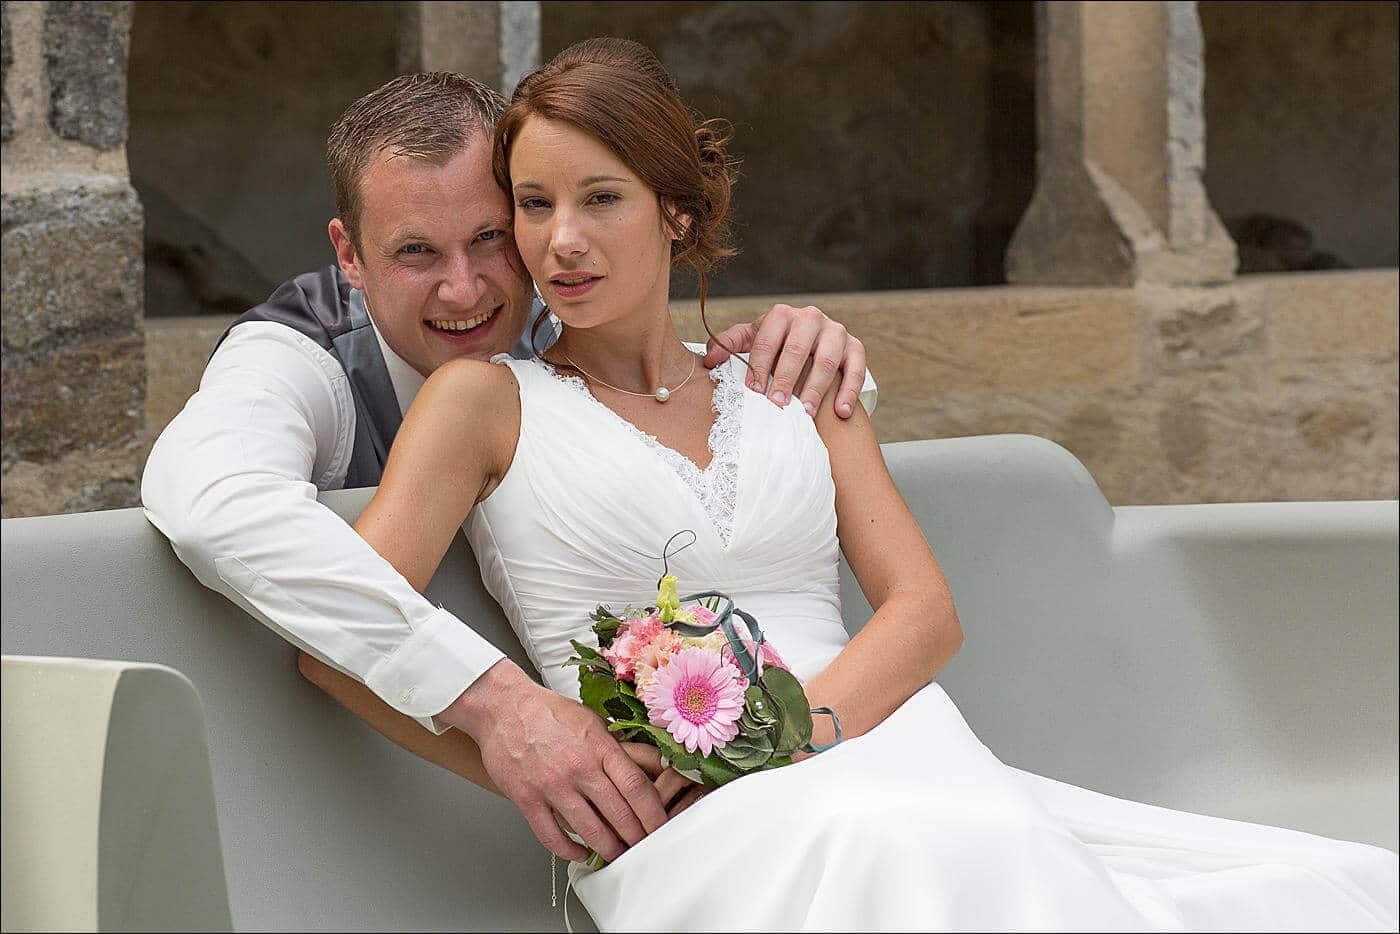 La mariée est assise sur un banc et le marié est accroupi derrière elle